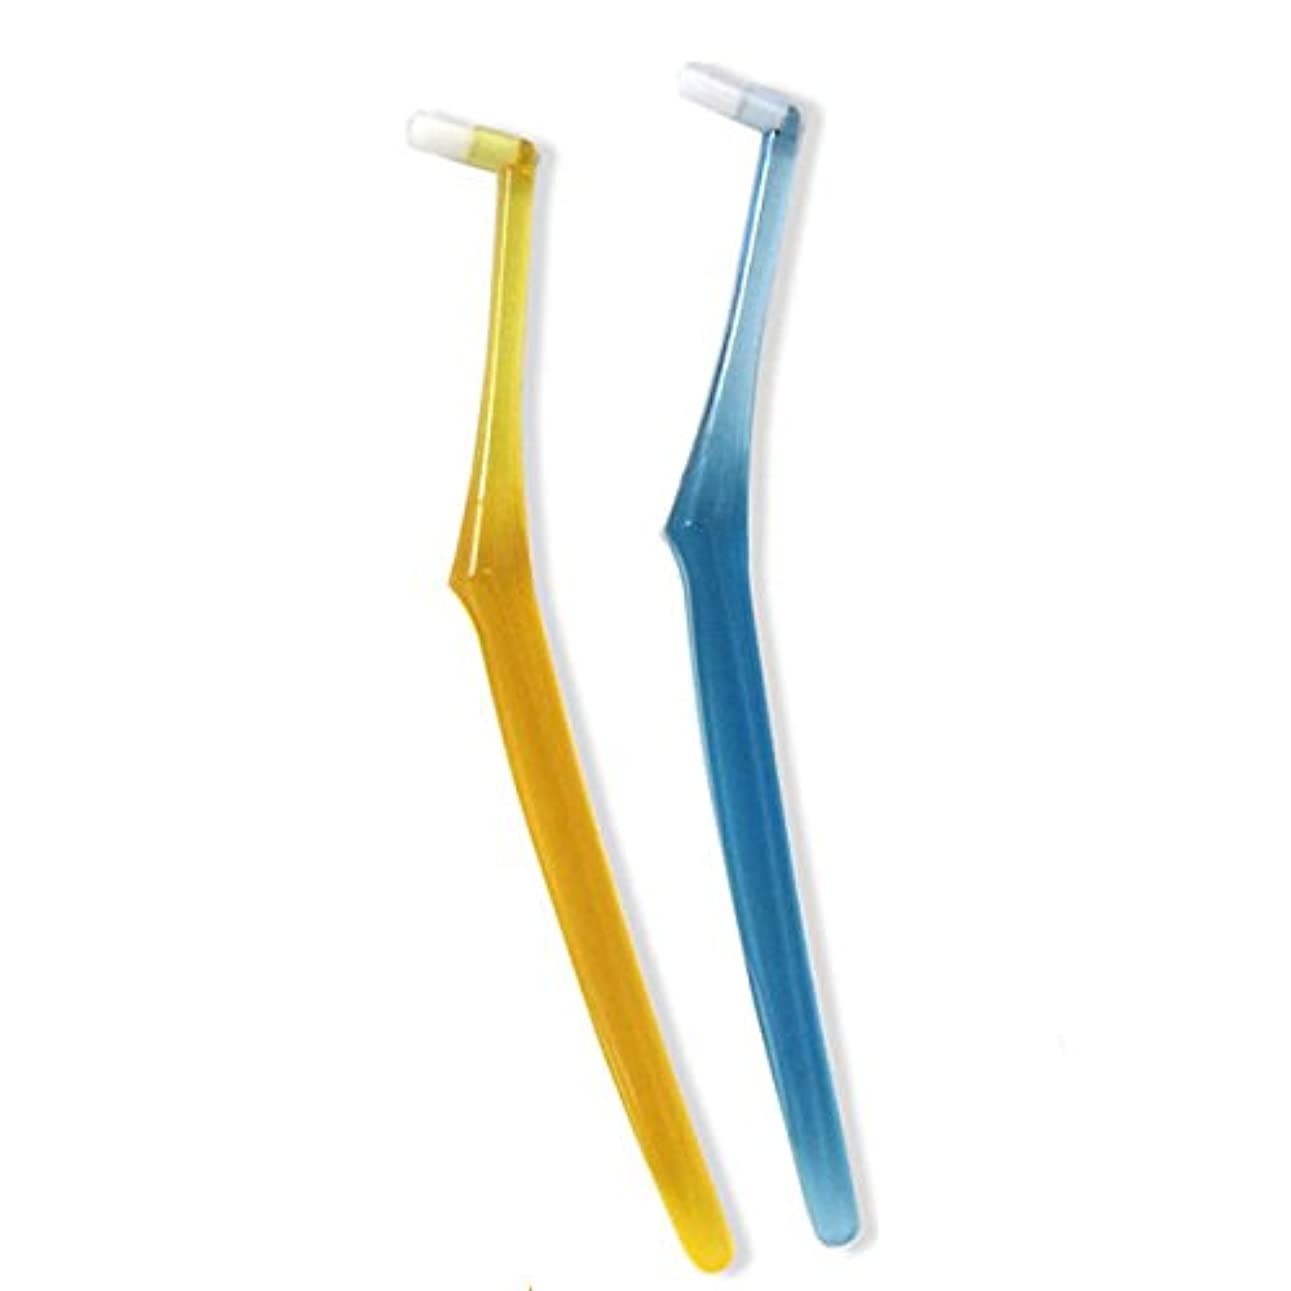 コードマラソンゼロワンタフト インプロインプラント専用 歯ブラシ 4本セット (S(ソフト))